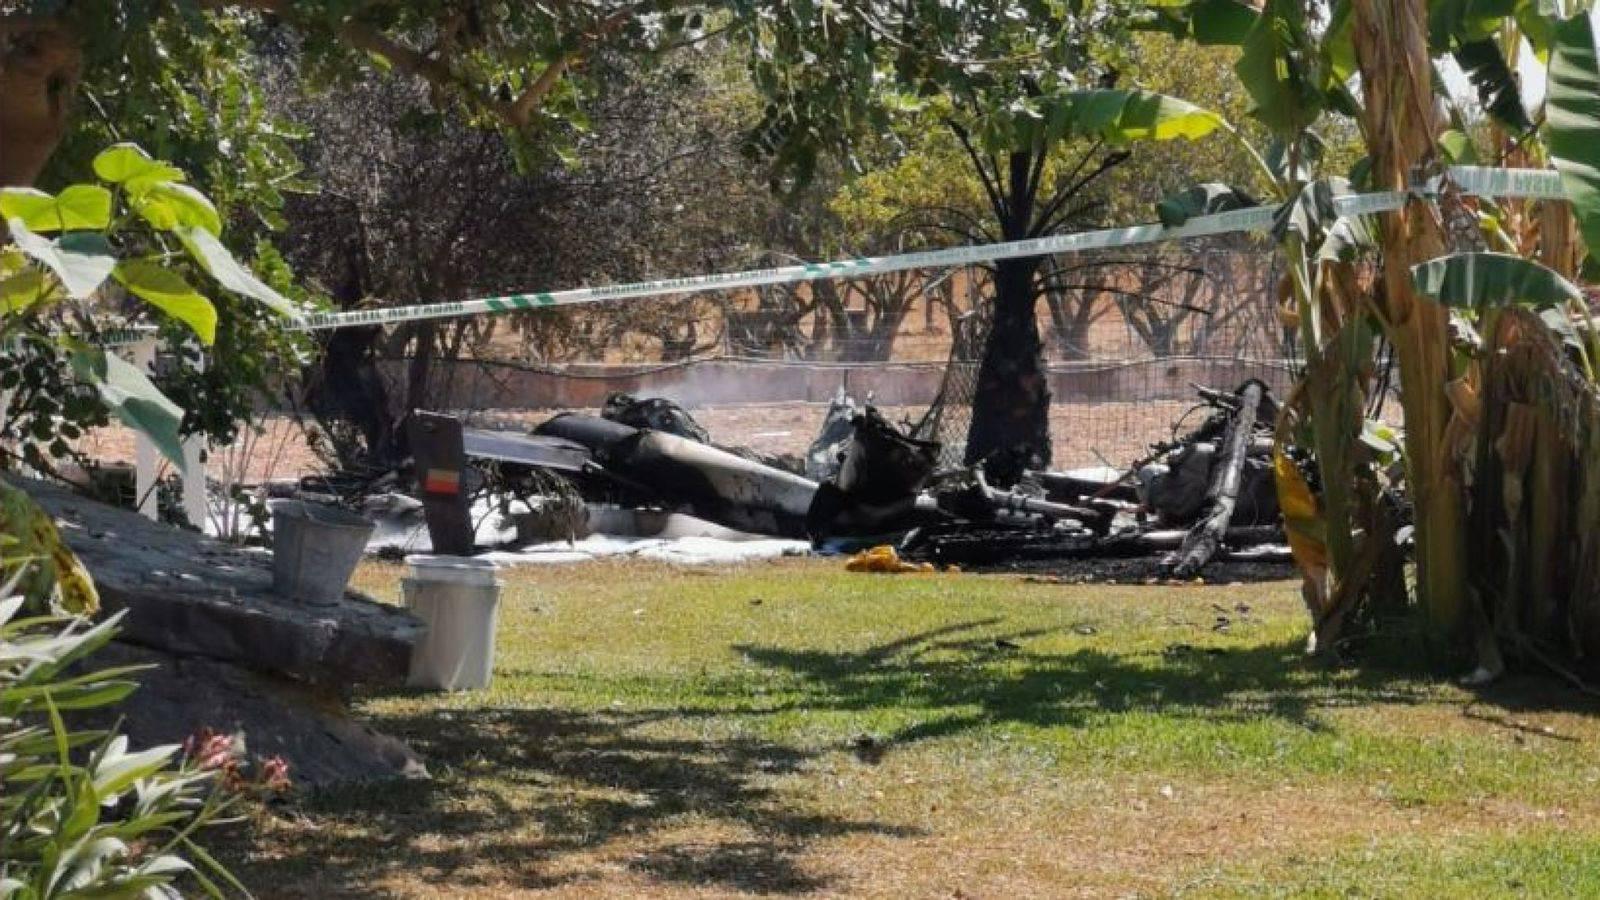 Sudarili se helikopter i manji avion, sedmero ljudi je mrtvo